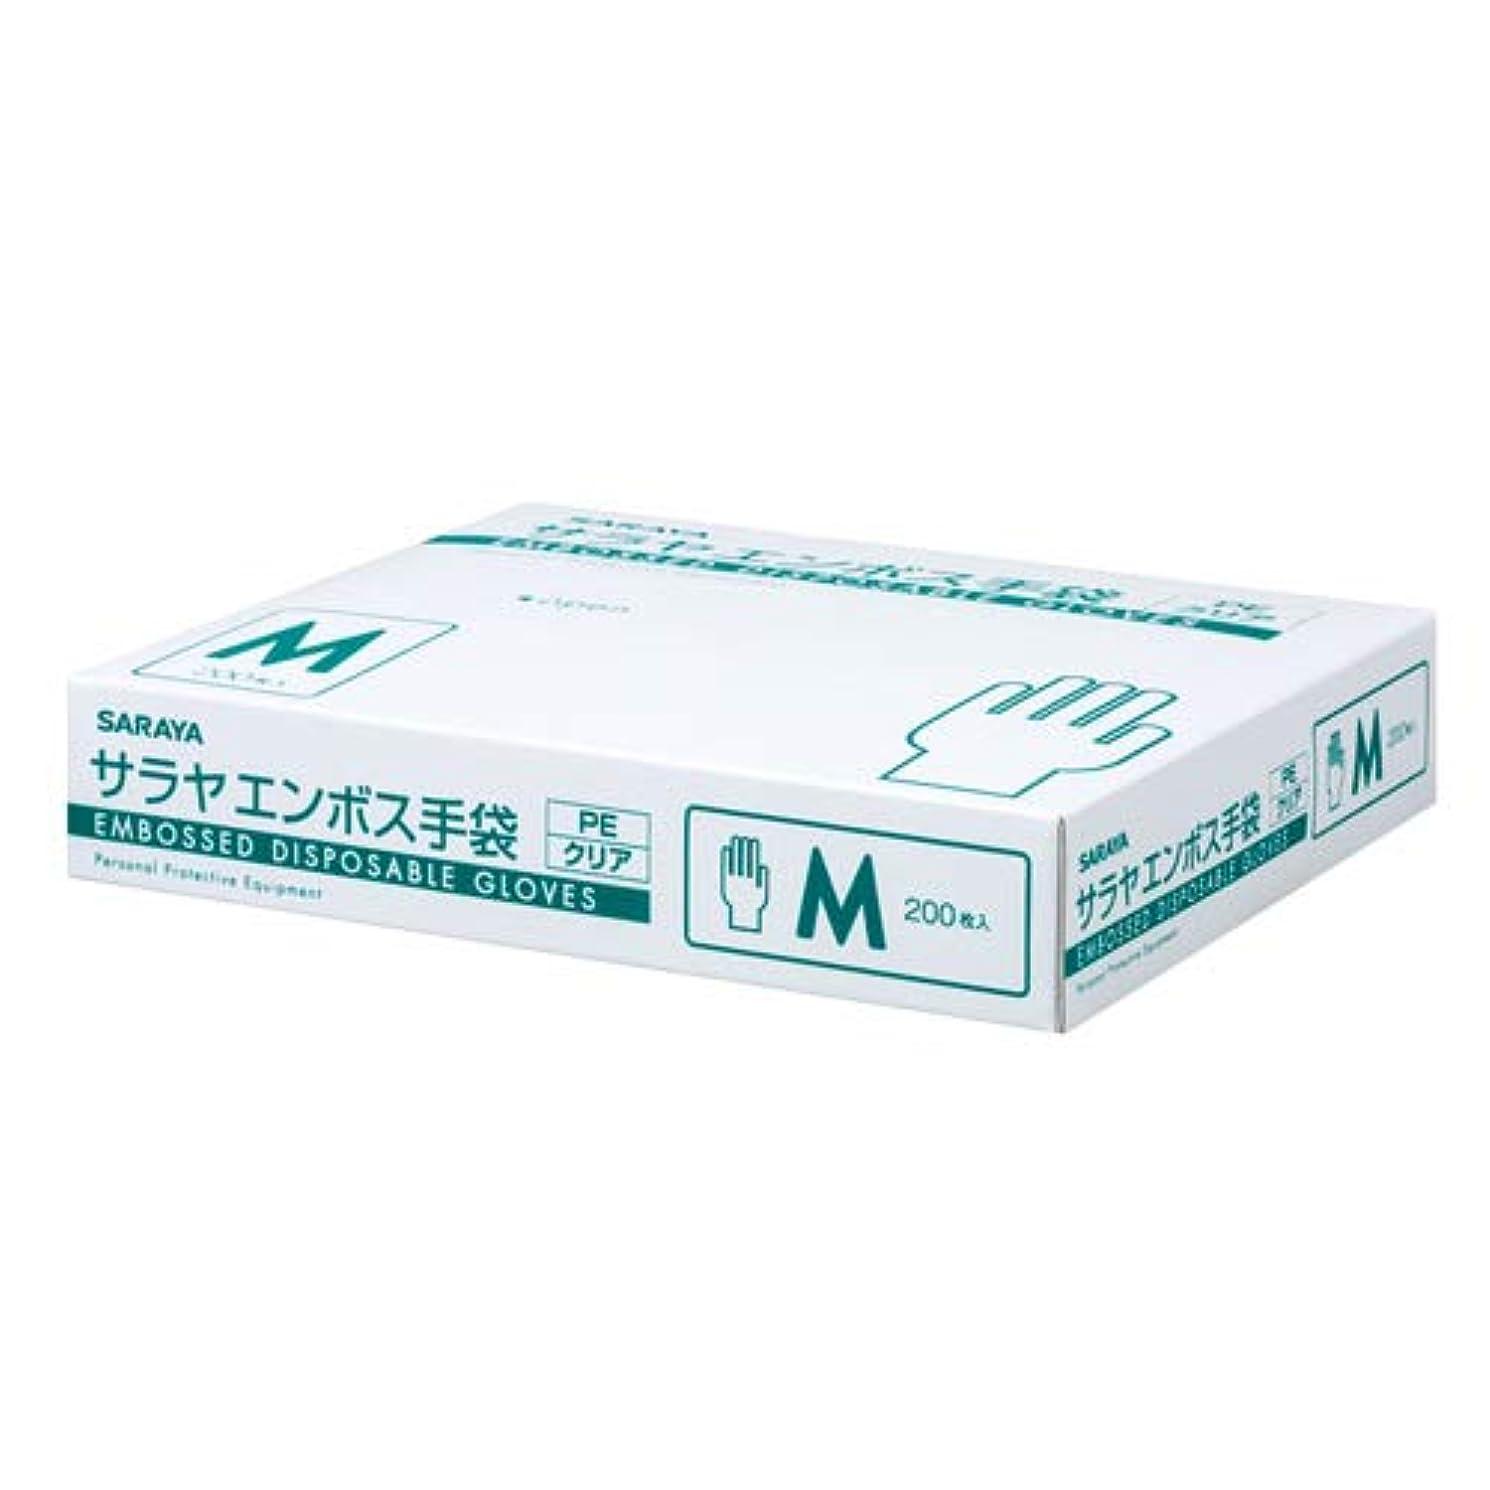 バースト良心オーバーランサラヤ 使い捨て手袋 エンボス手袋 PEクリア Mサイズ 200枚入